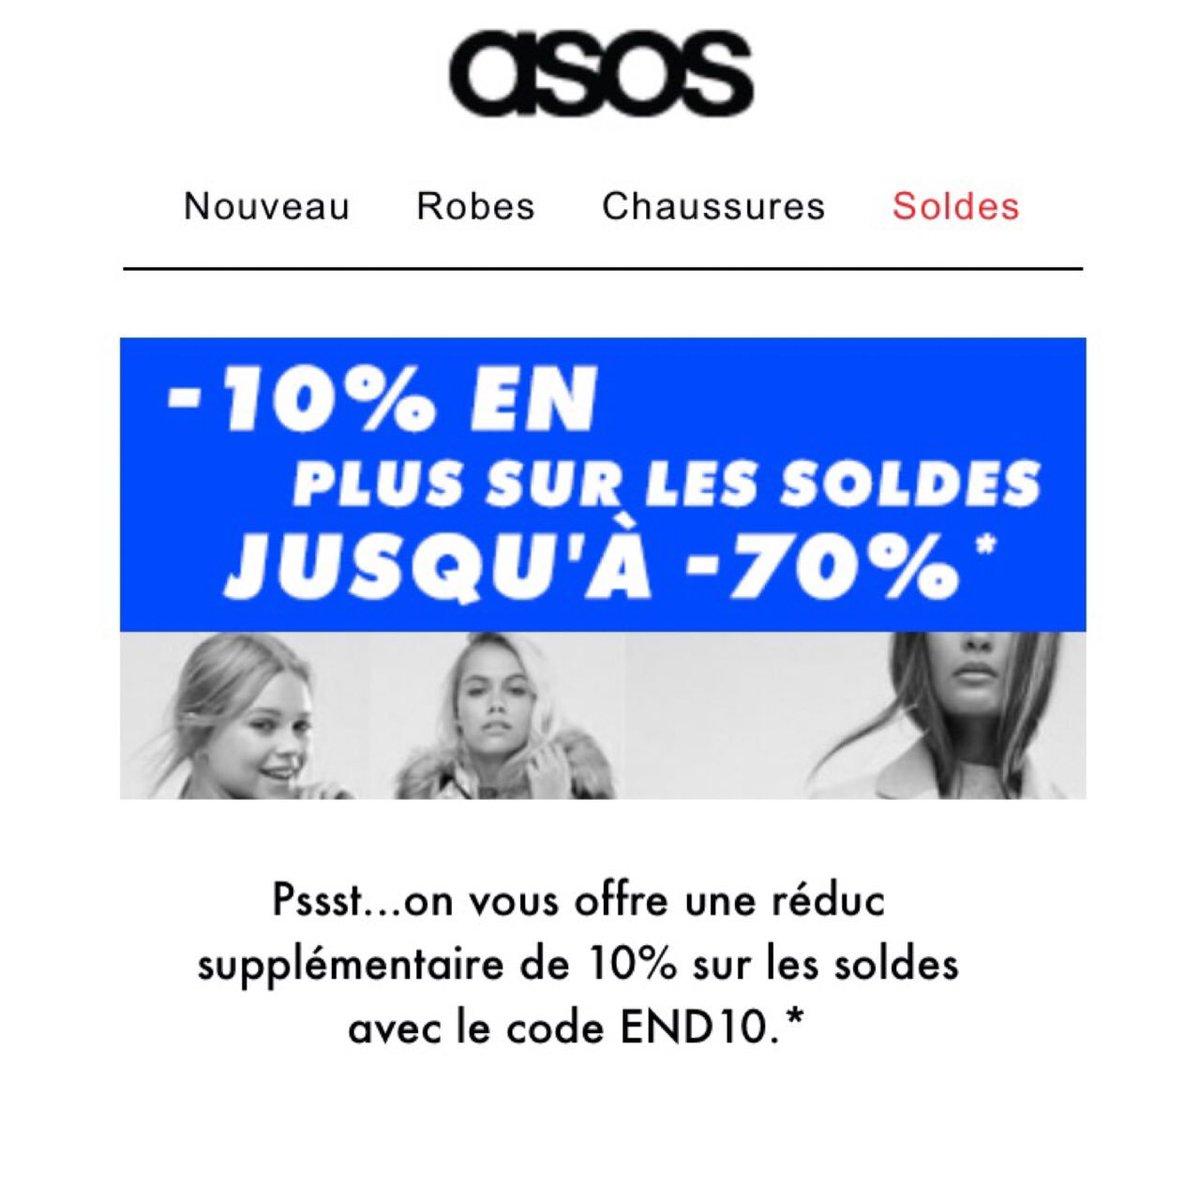 -10% supplémentaires sur les soldes sur #asos  code END10  #bonplan #lepleindeconomies  #teamlpe #codepromo  http://www. lepleindeconomies.fr  &nbsp;  <br>http://pic.twitter.com/TRFVVdHSsz